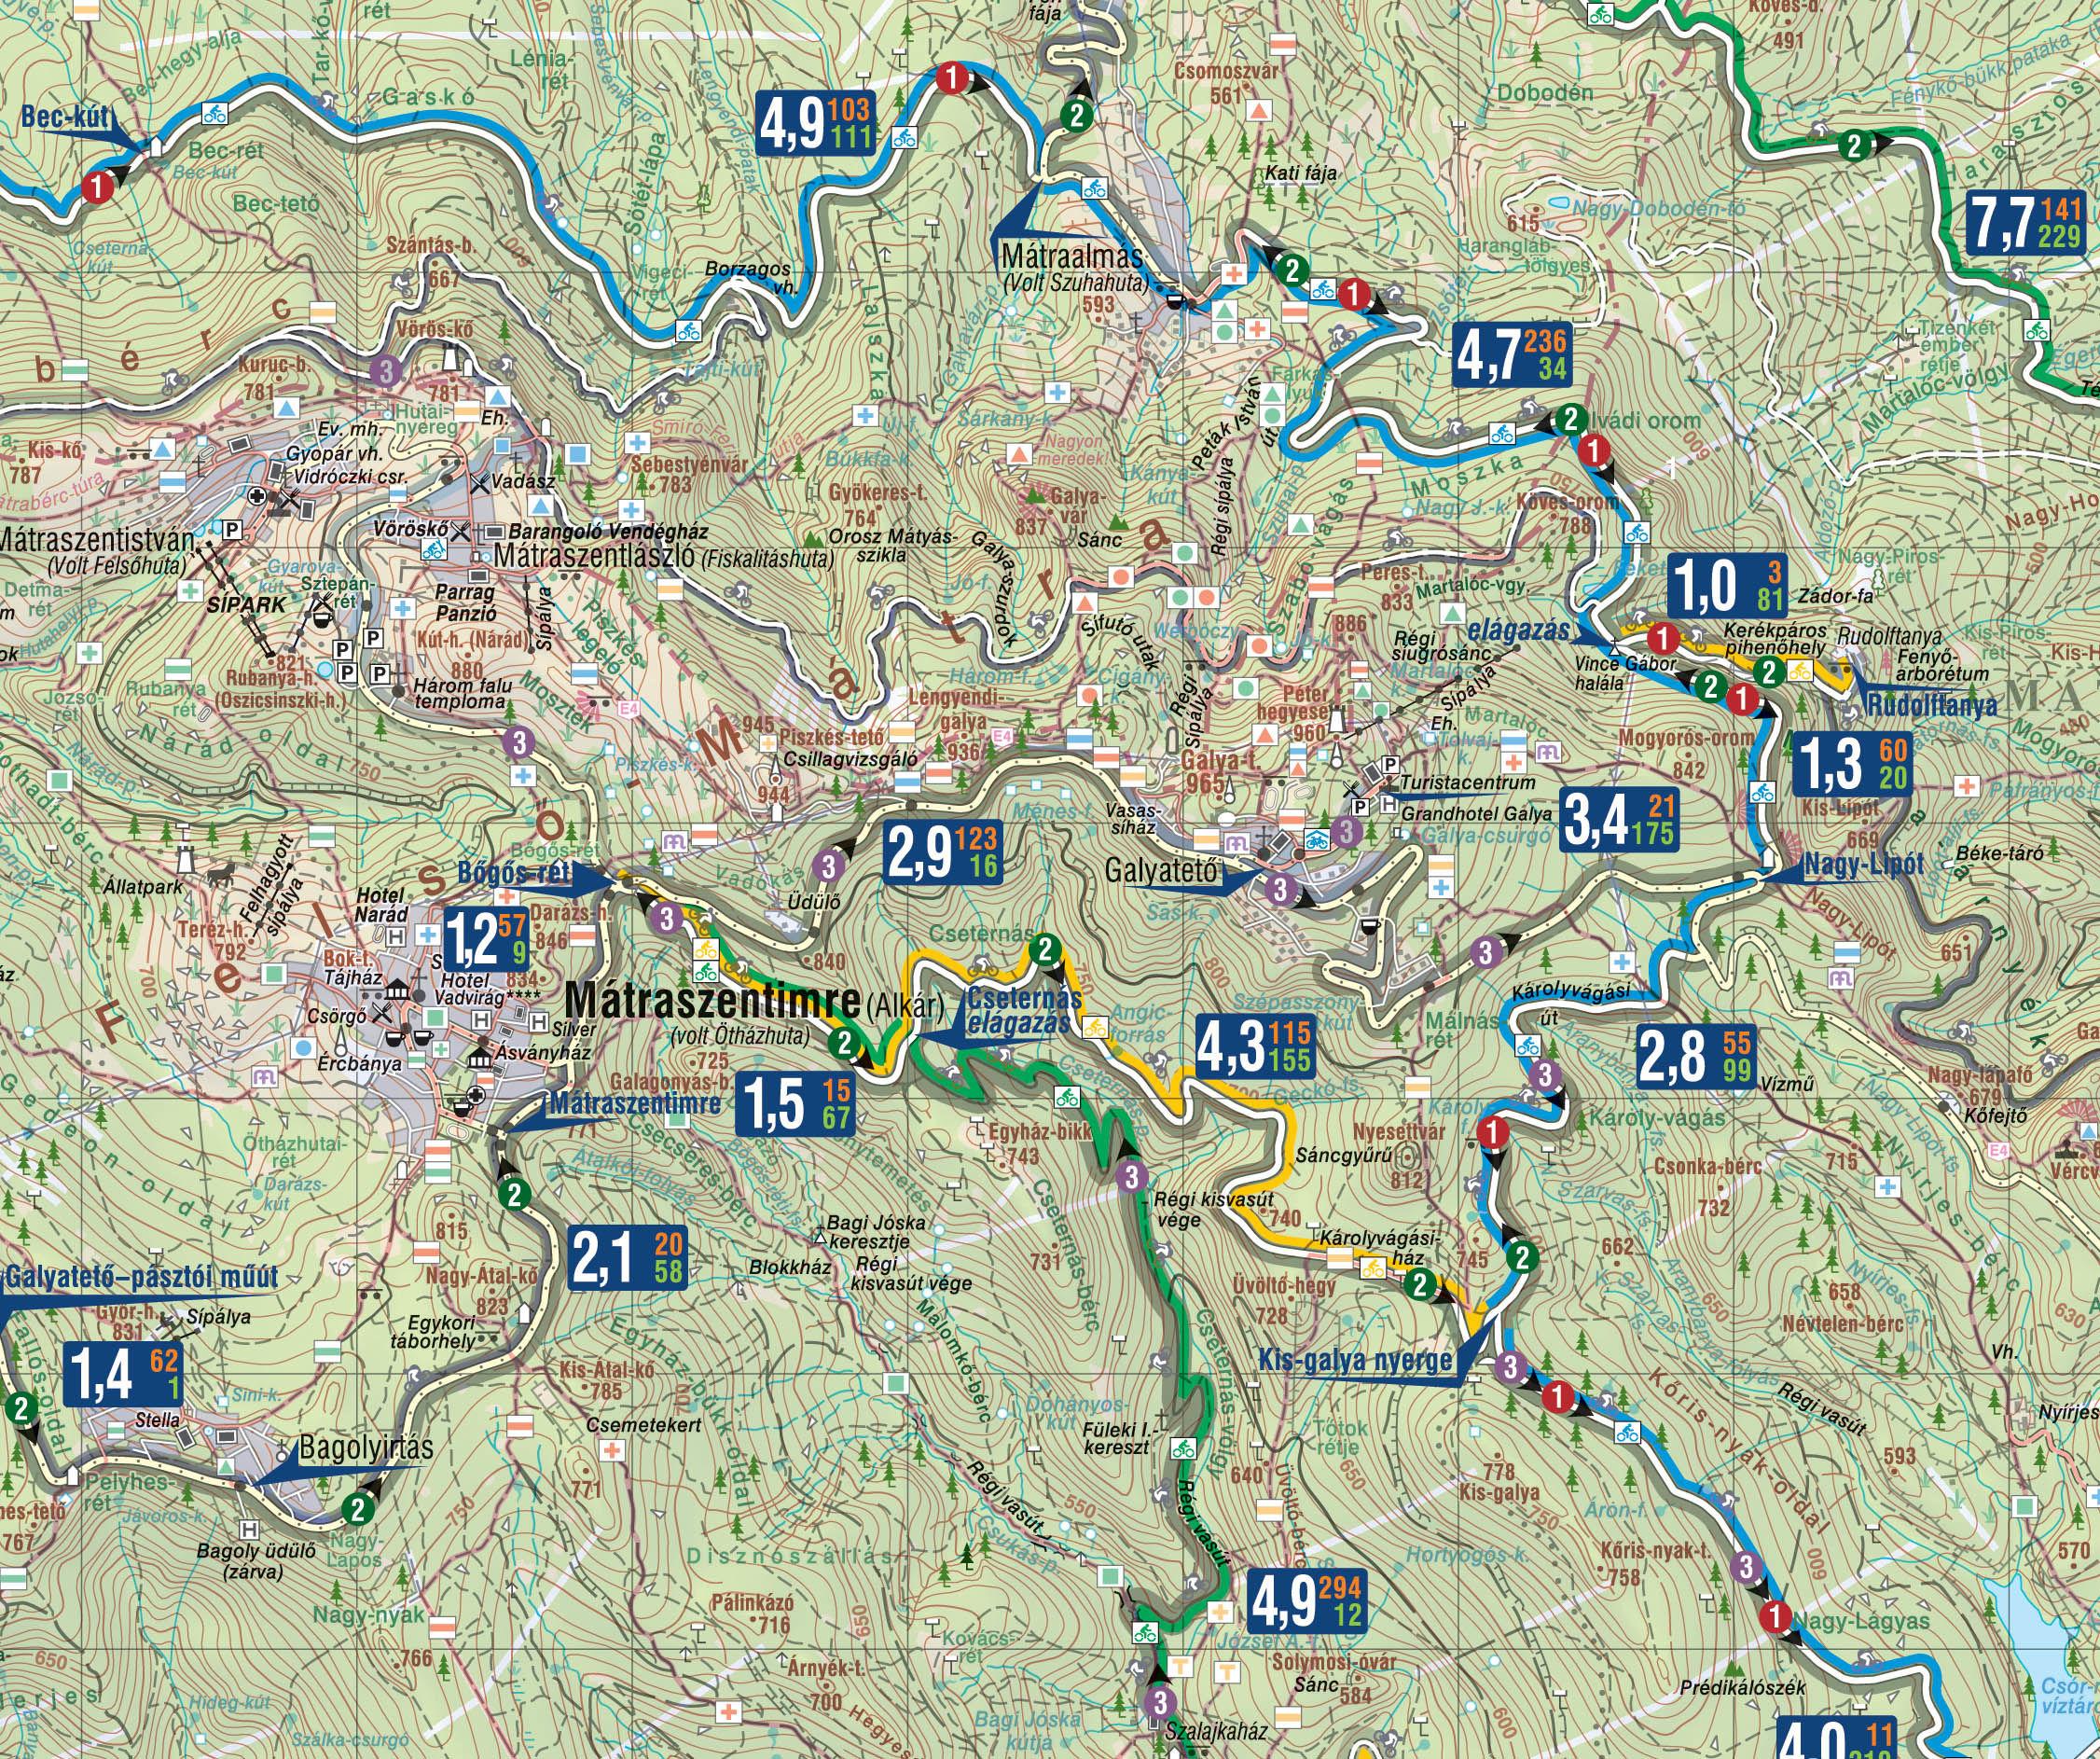 Részlet a turista- és a kerékpáros térképből